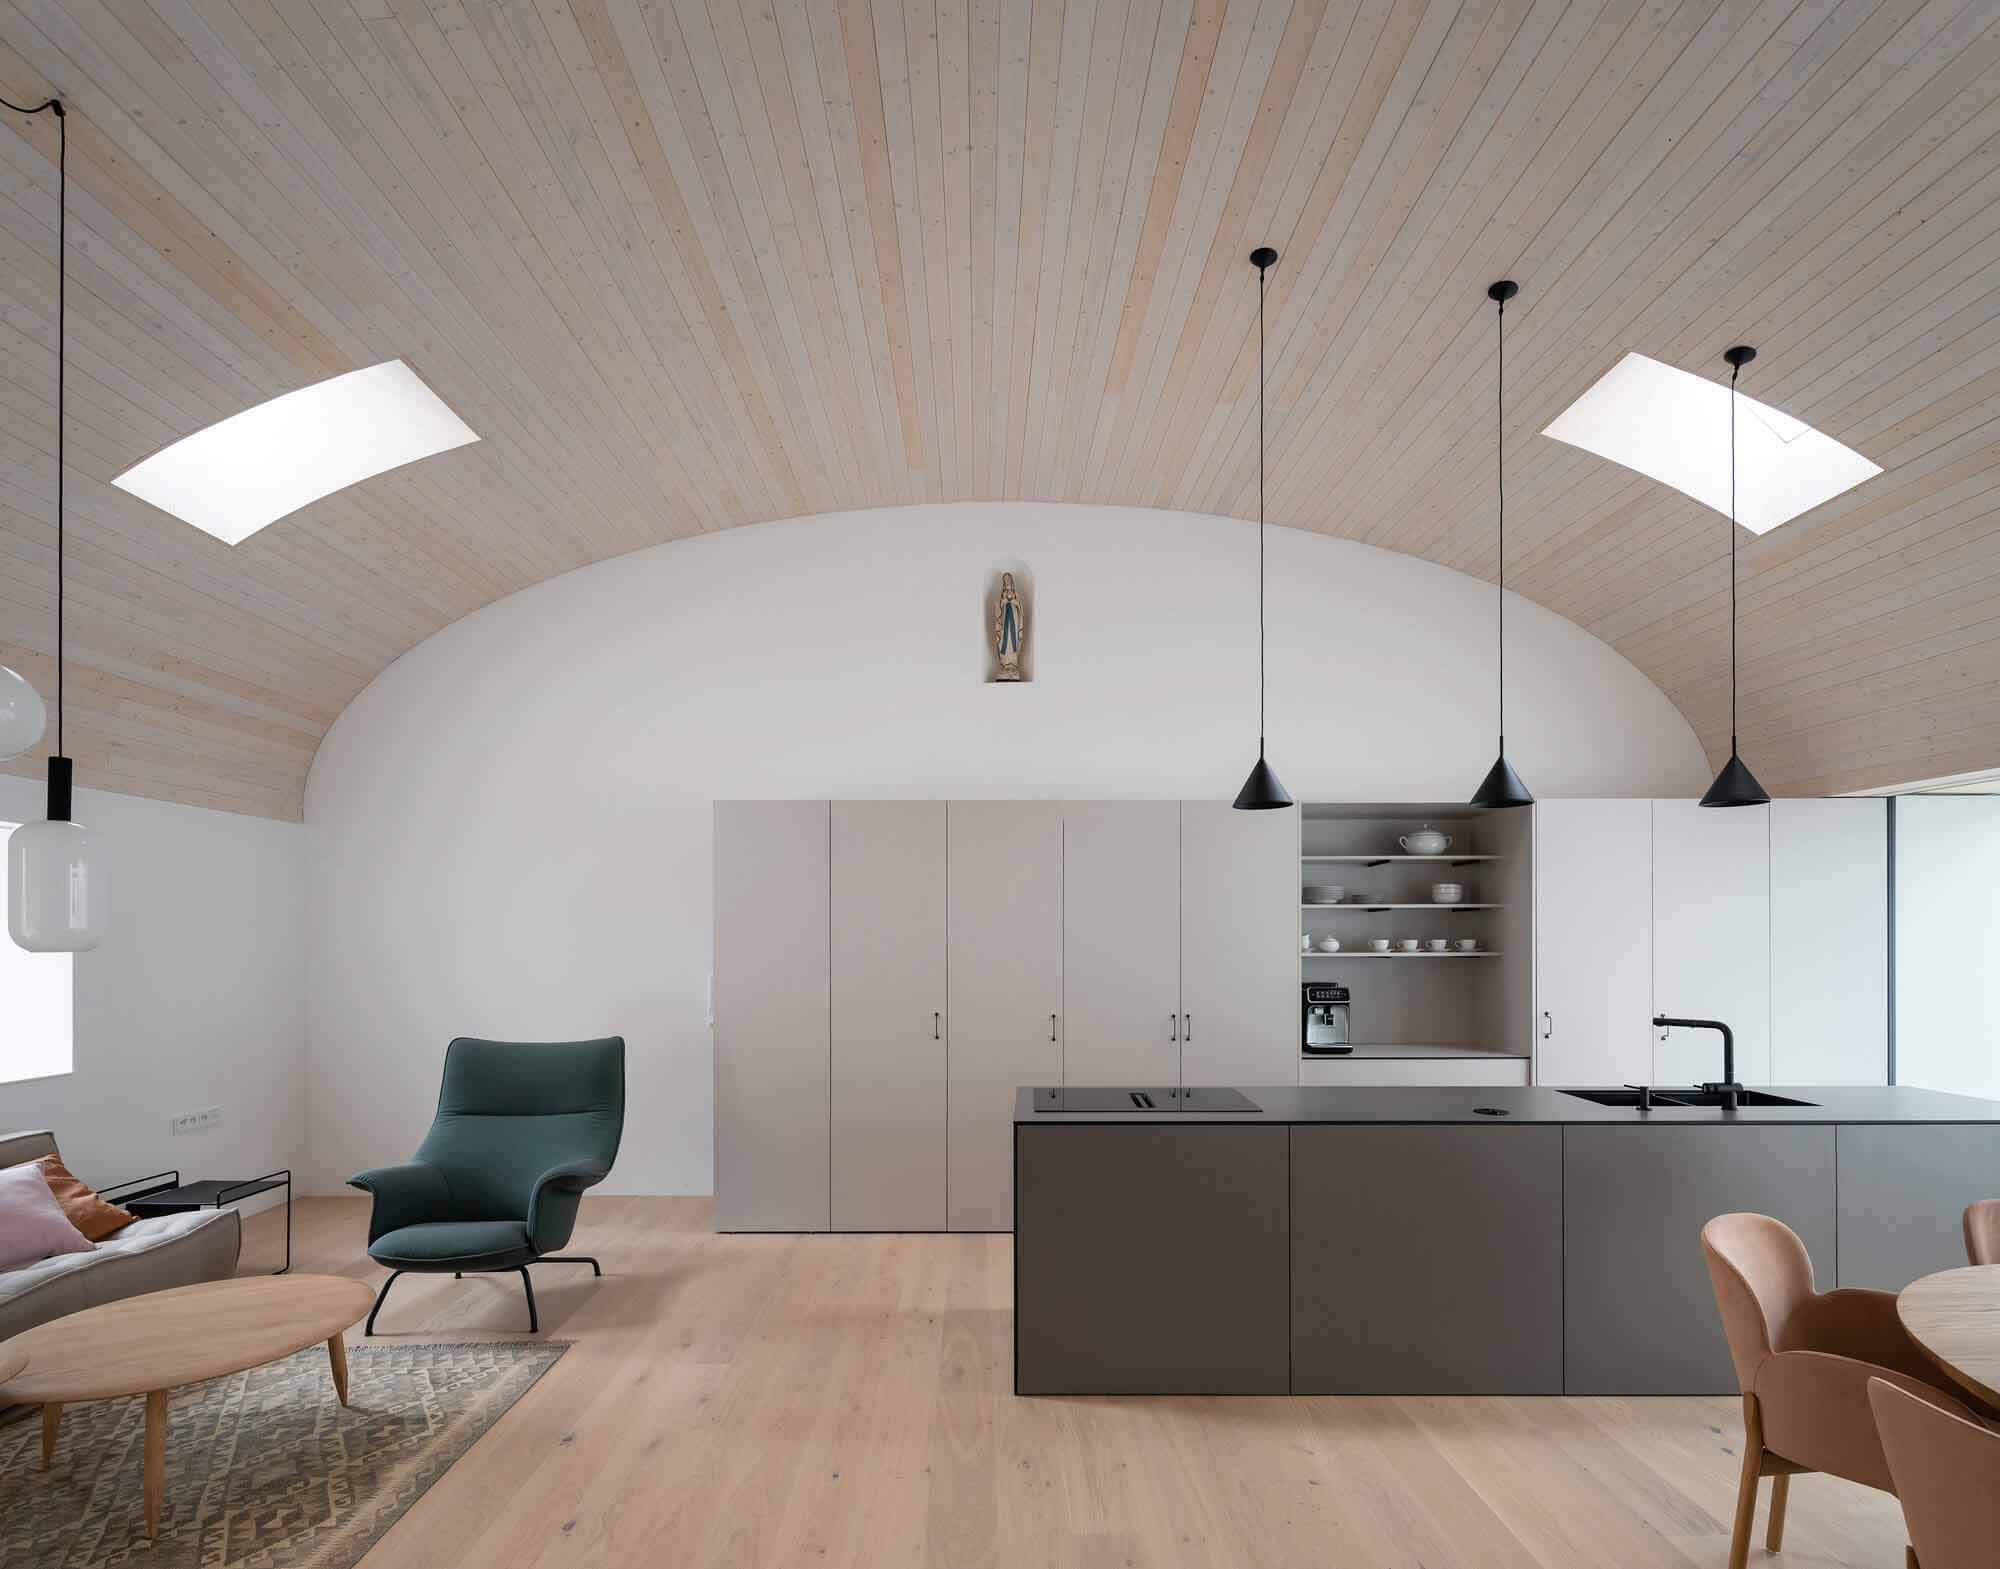 Kozina House / Ателье 111 Architekti